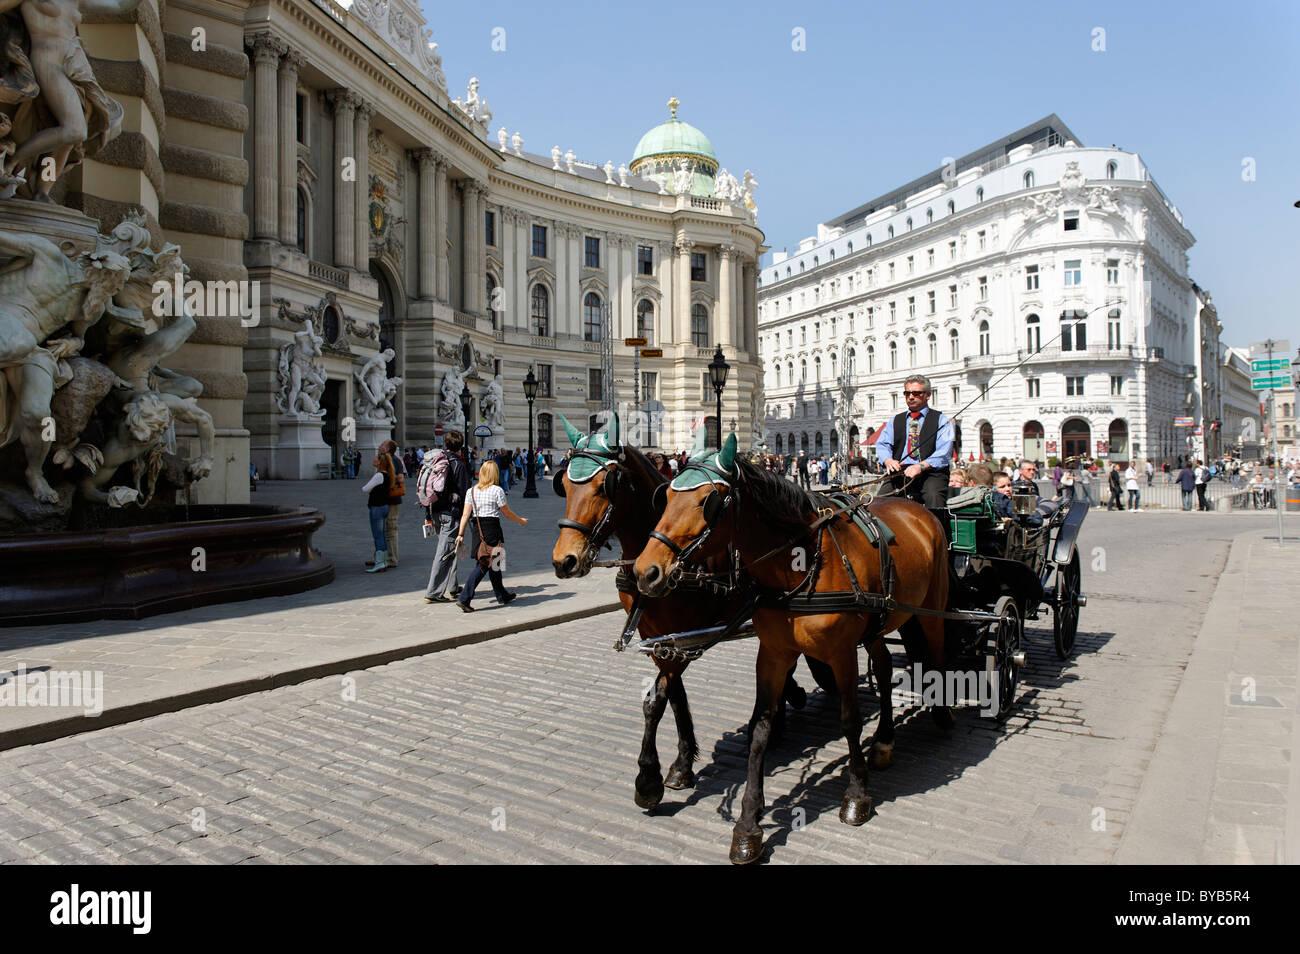 Fiaker taxi carriage on Michaelerplatz square, 1st district, Vienna, Austria, Europe - Stock Image